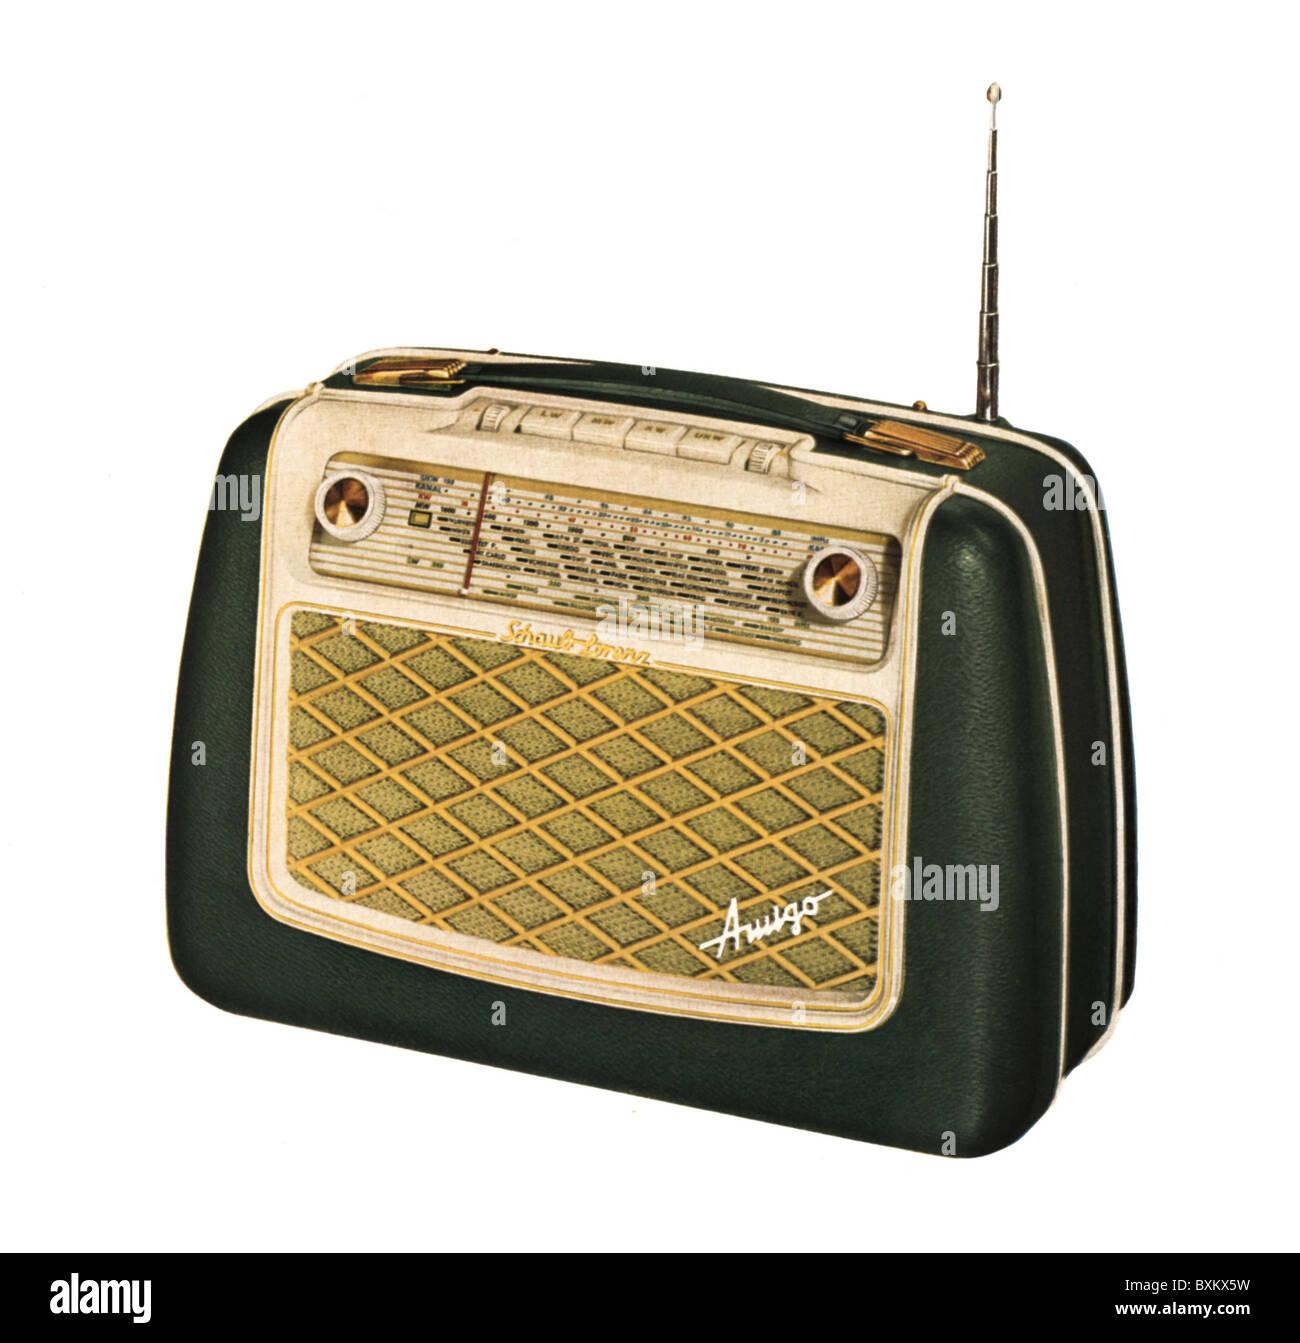 """Emisión, radio, Schaub-Lorenz 57 U """"amigo"""", radio portátil, Alemania, 1956-Clearences Additional Imagen De Stock"""